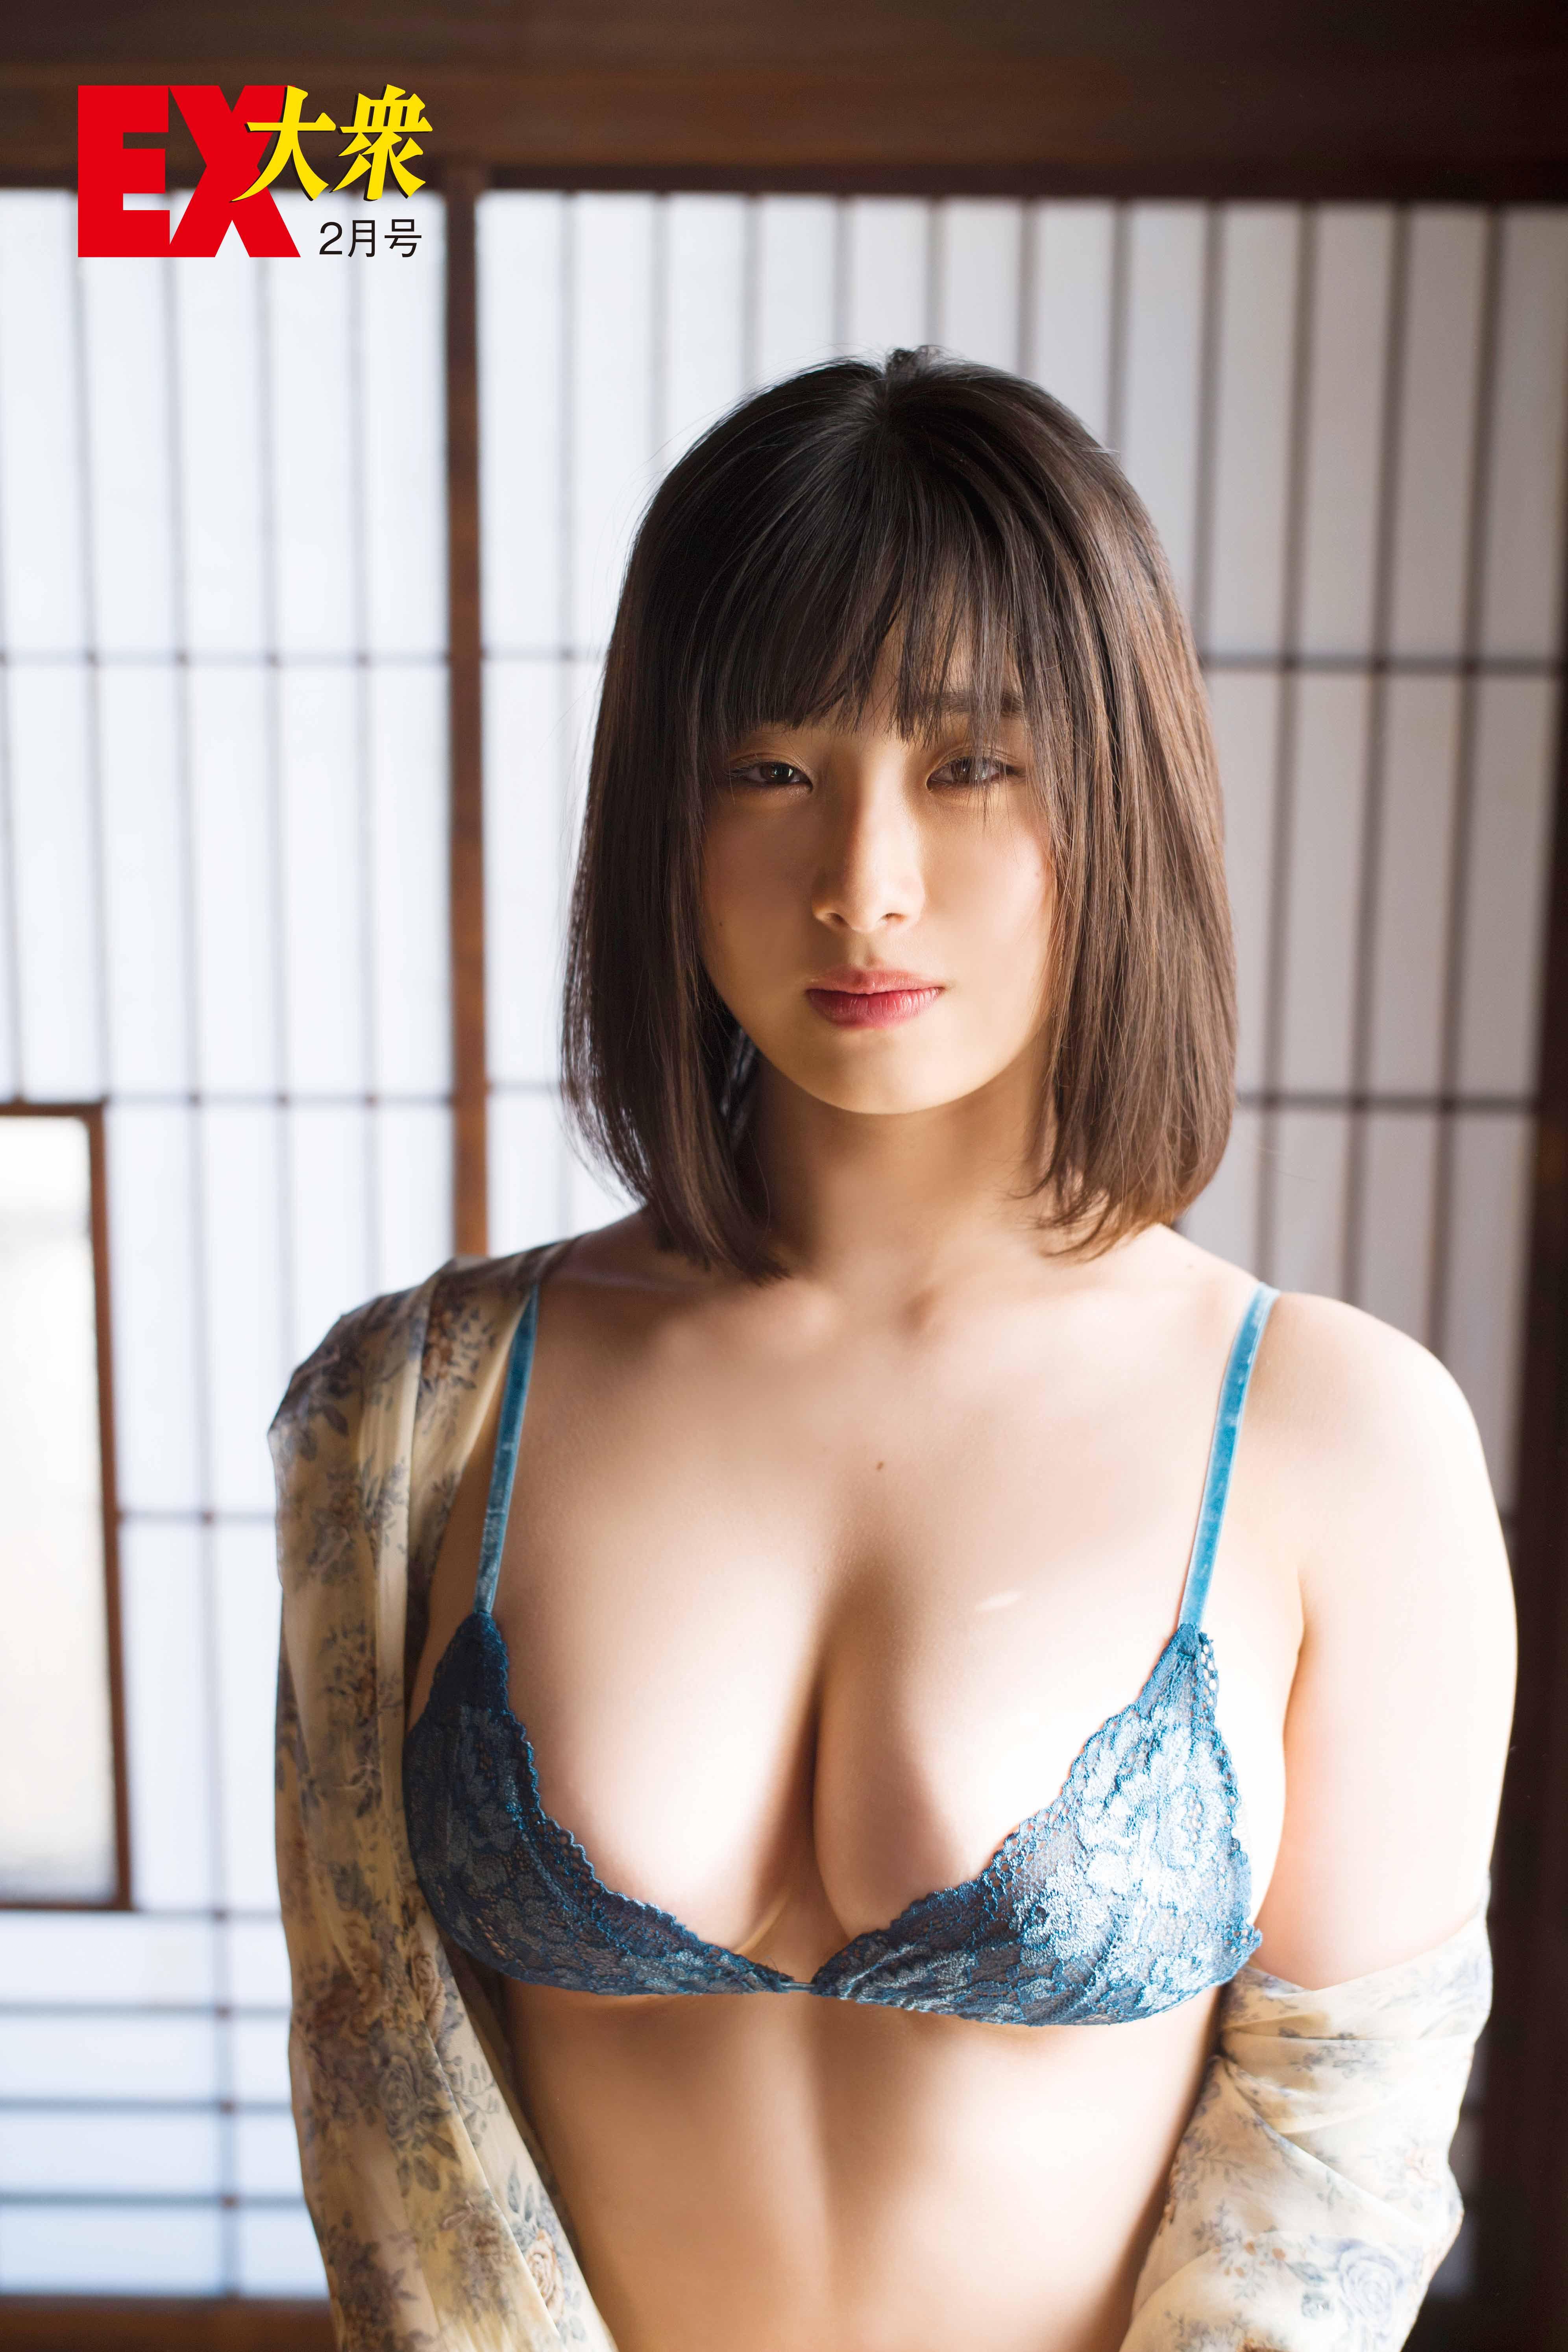 大間乃トーコの本誌未掲載カット6枚を大公開!【EX大衆2月号】の画像004